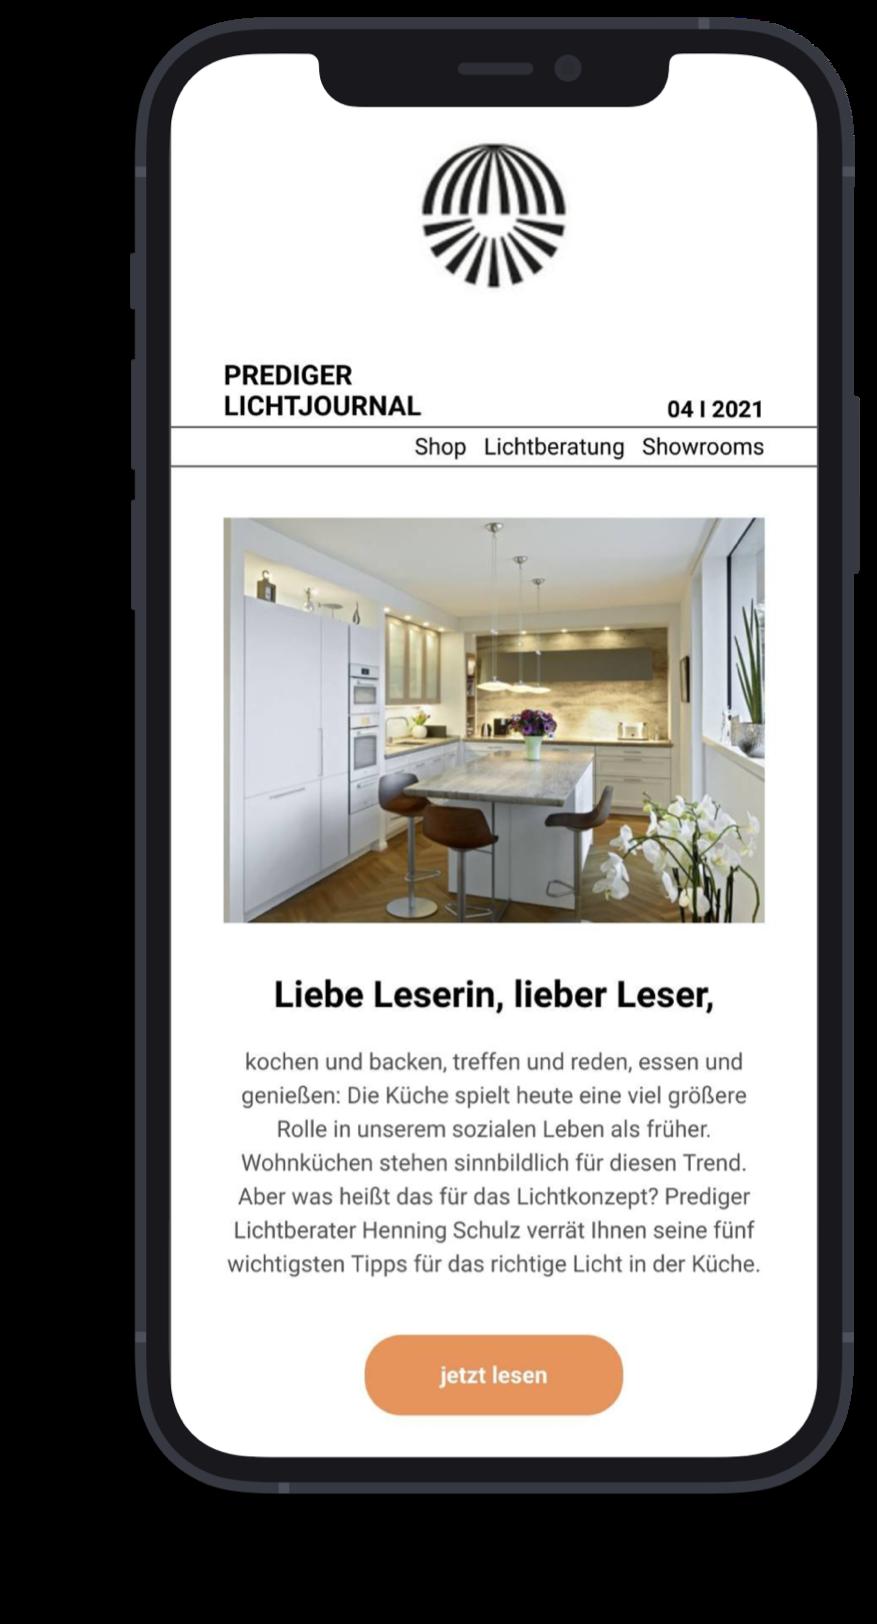 Newsletter-Vorschau auf Smartphone.